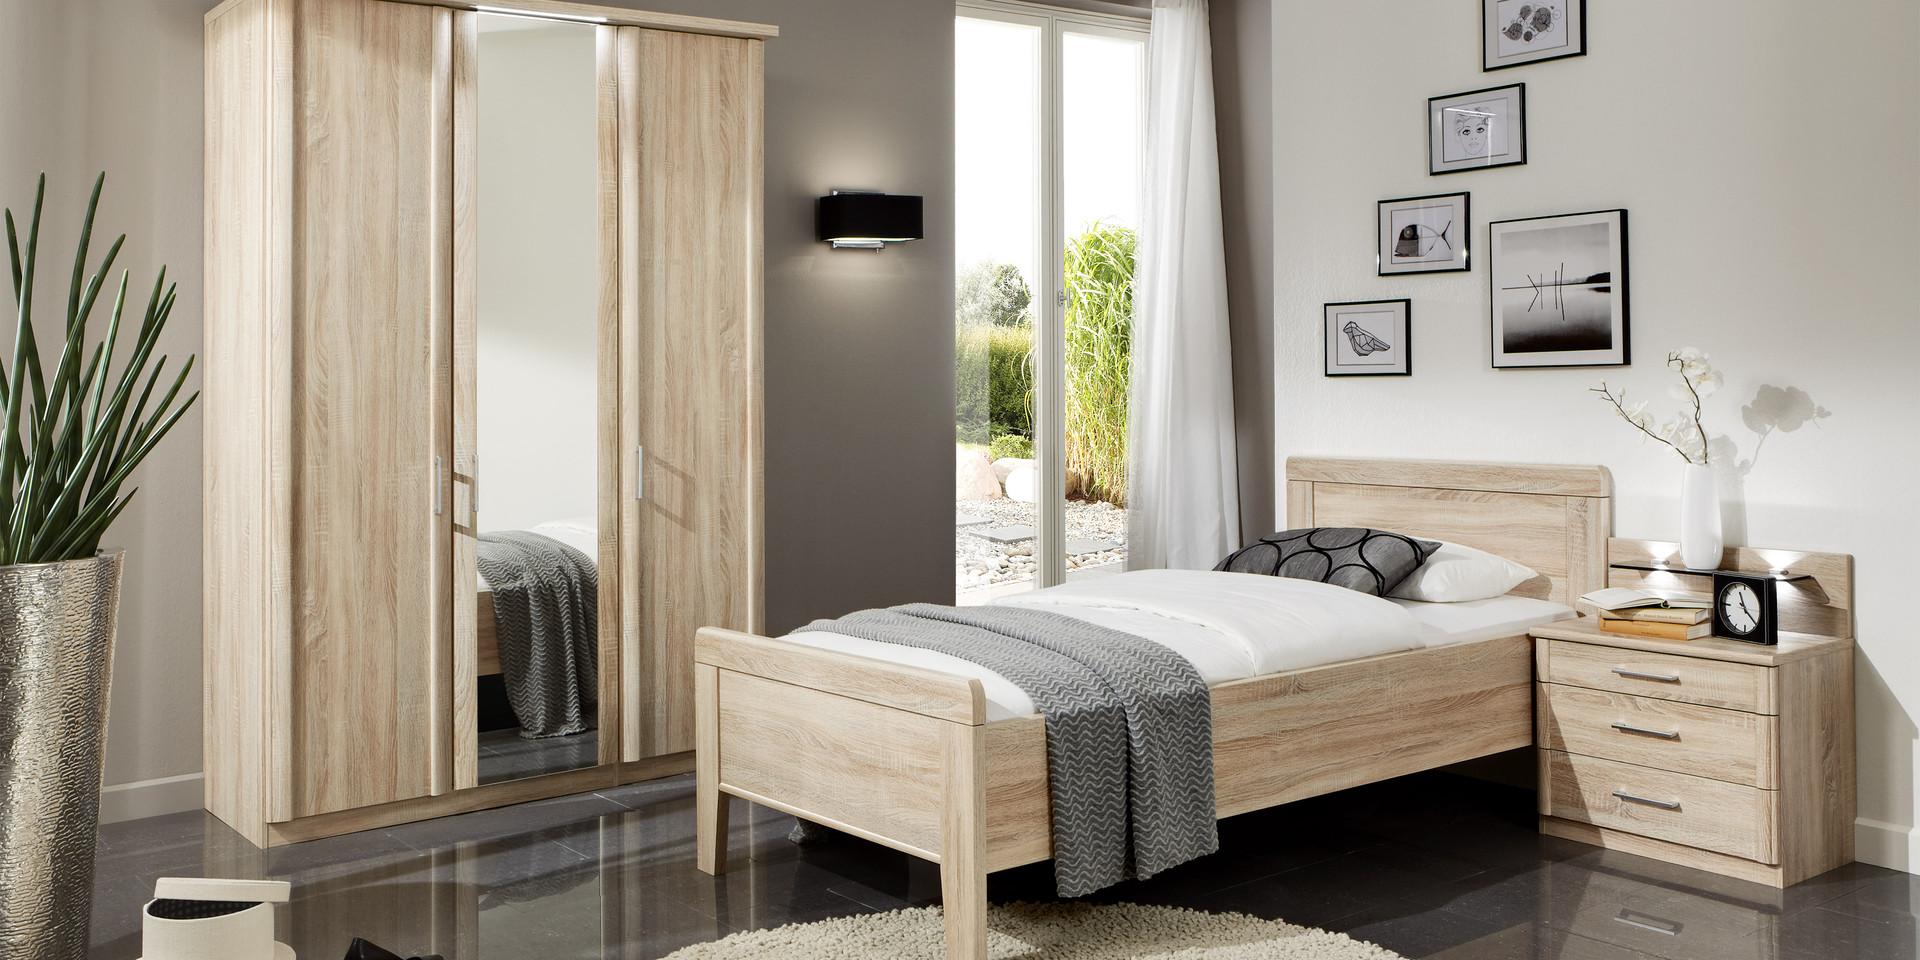 Erleben sie das schlafzimmer meran m belhersteller wiemann - Porta schlafzimmer ...